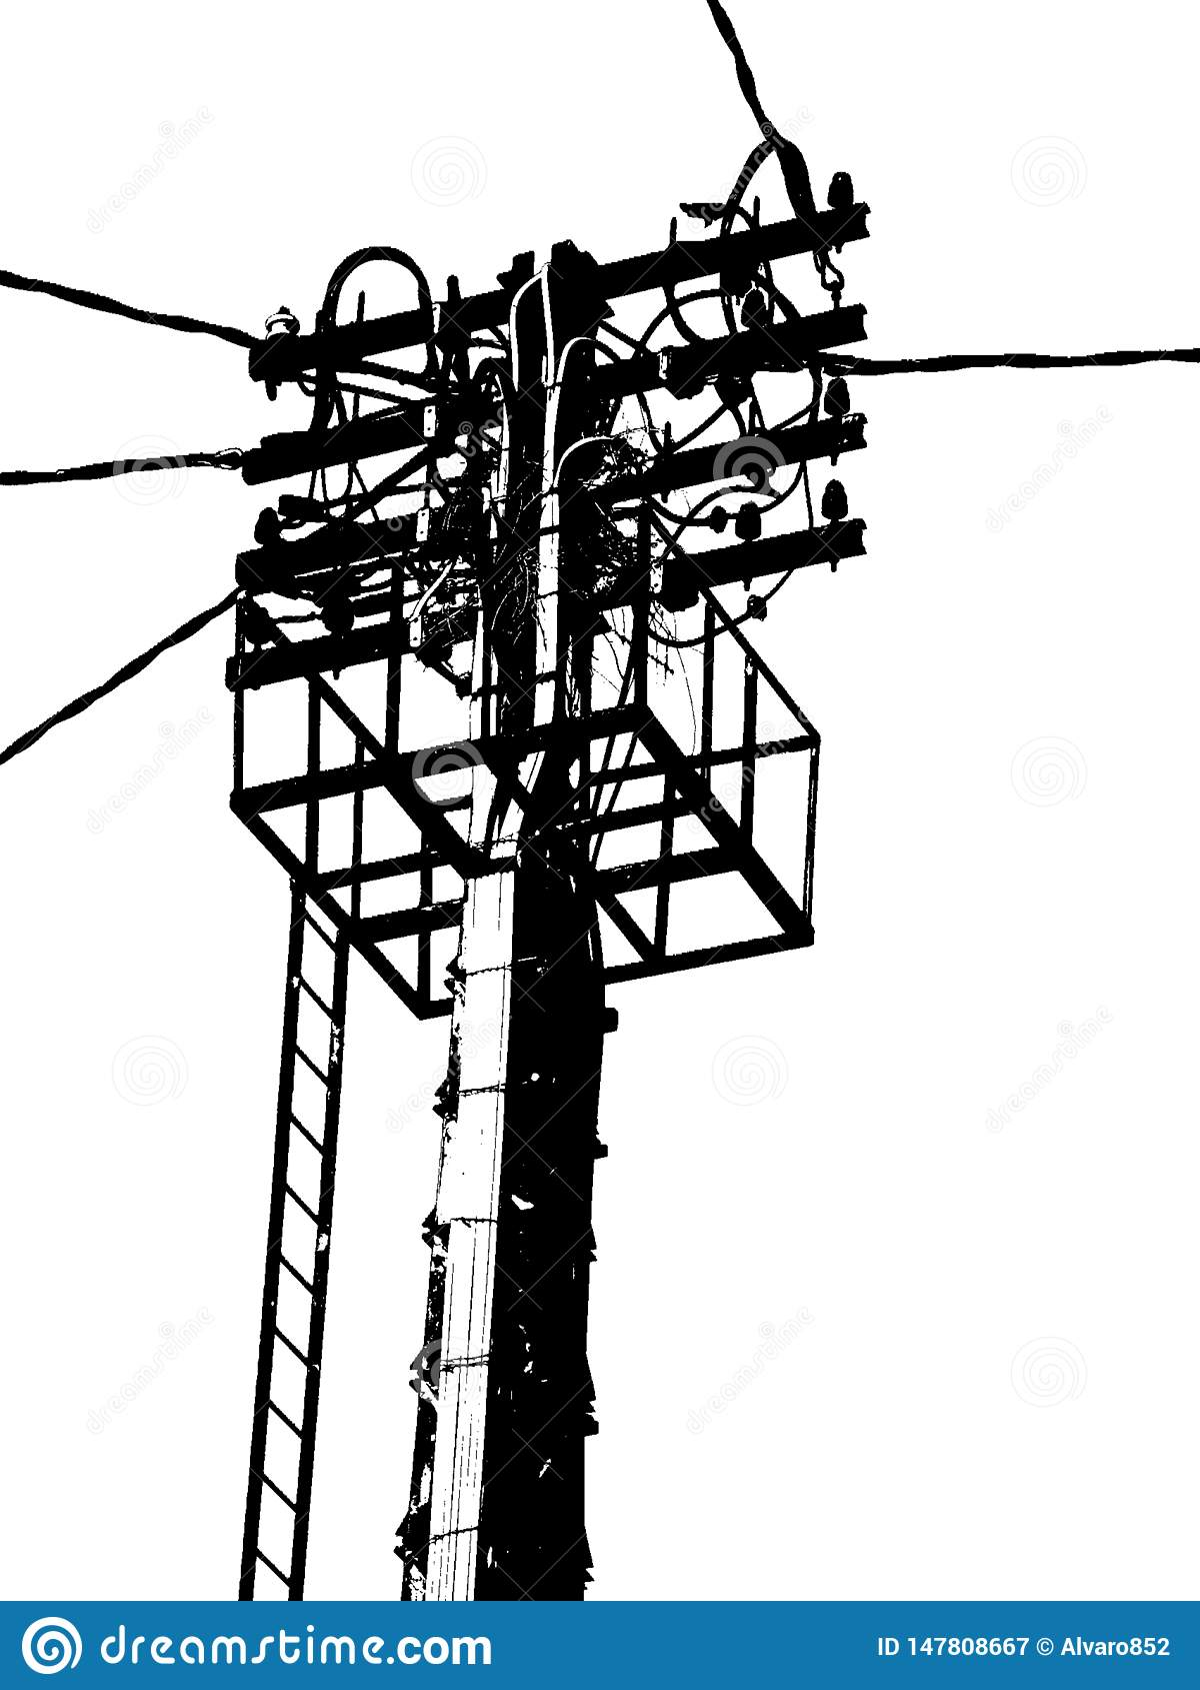 Elektrisk antenn i svartvit ljus stolpe